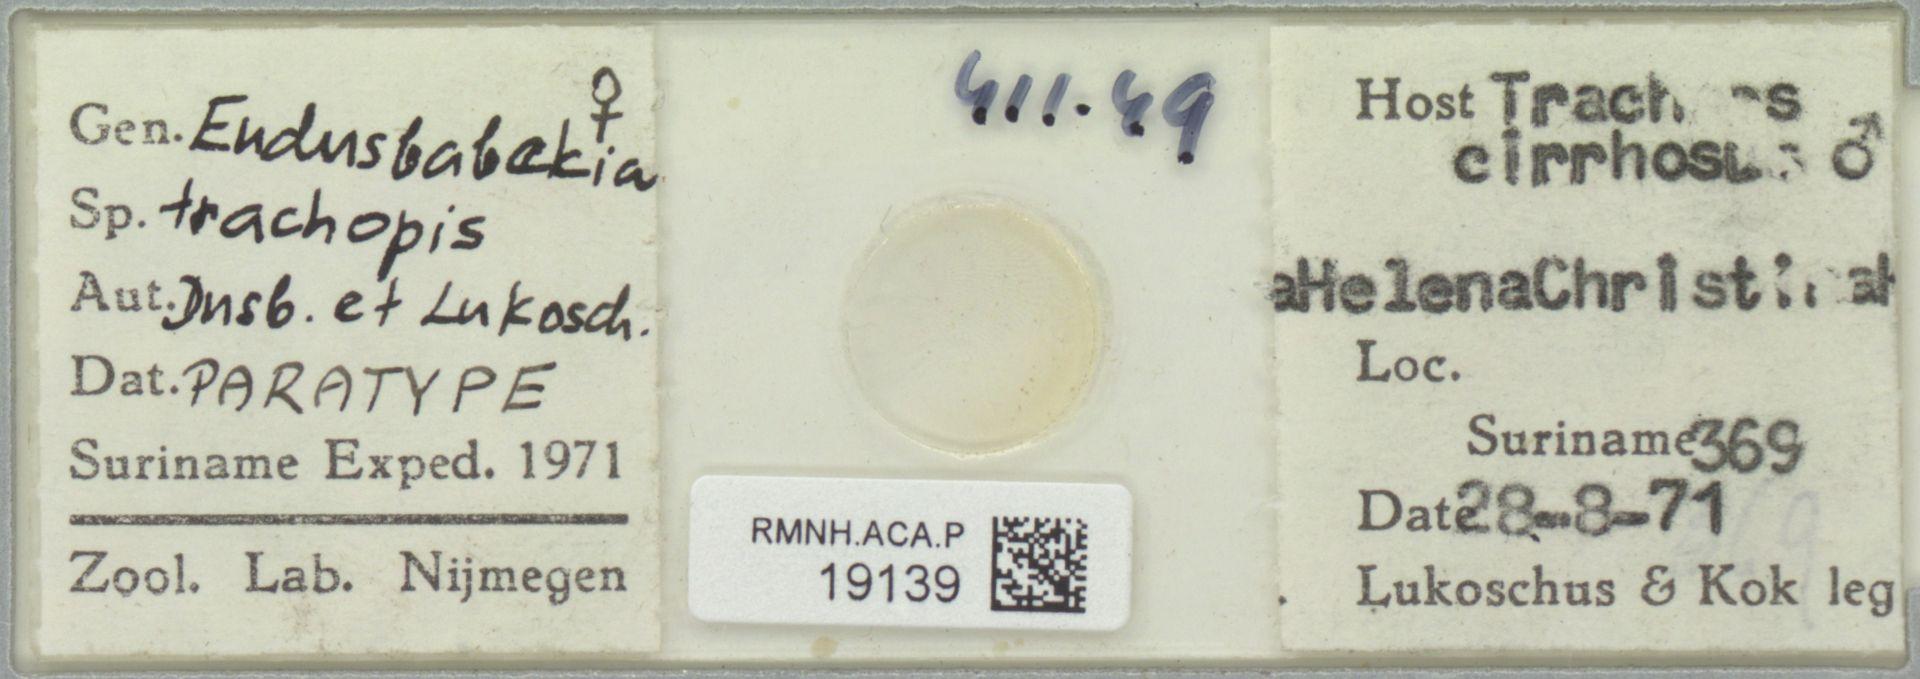 RMNH.ACA.P.19139 | Eudusbabekia trachopis